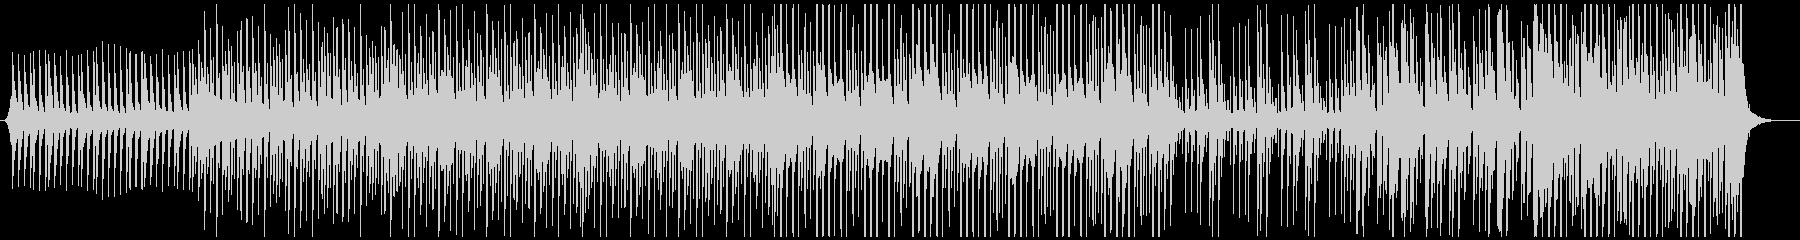 ラテン ジャズ トロピカル アクテ...の未再生の波形